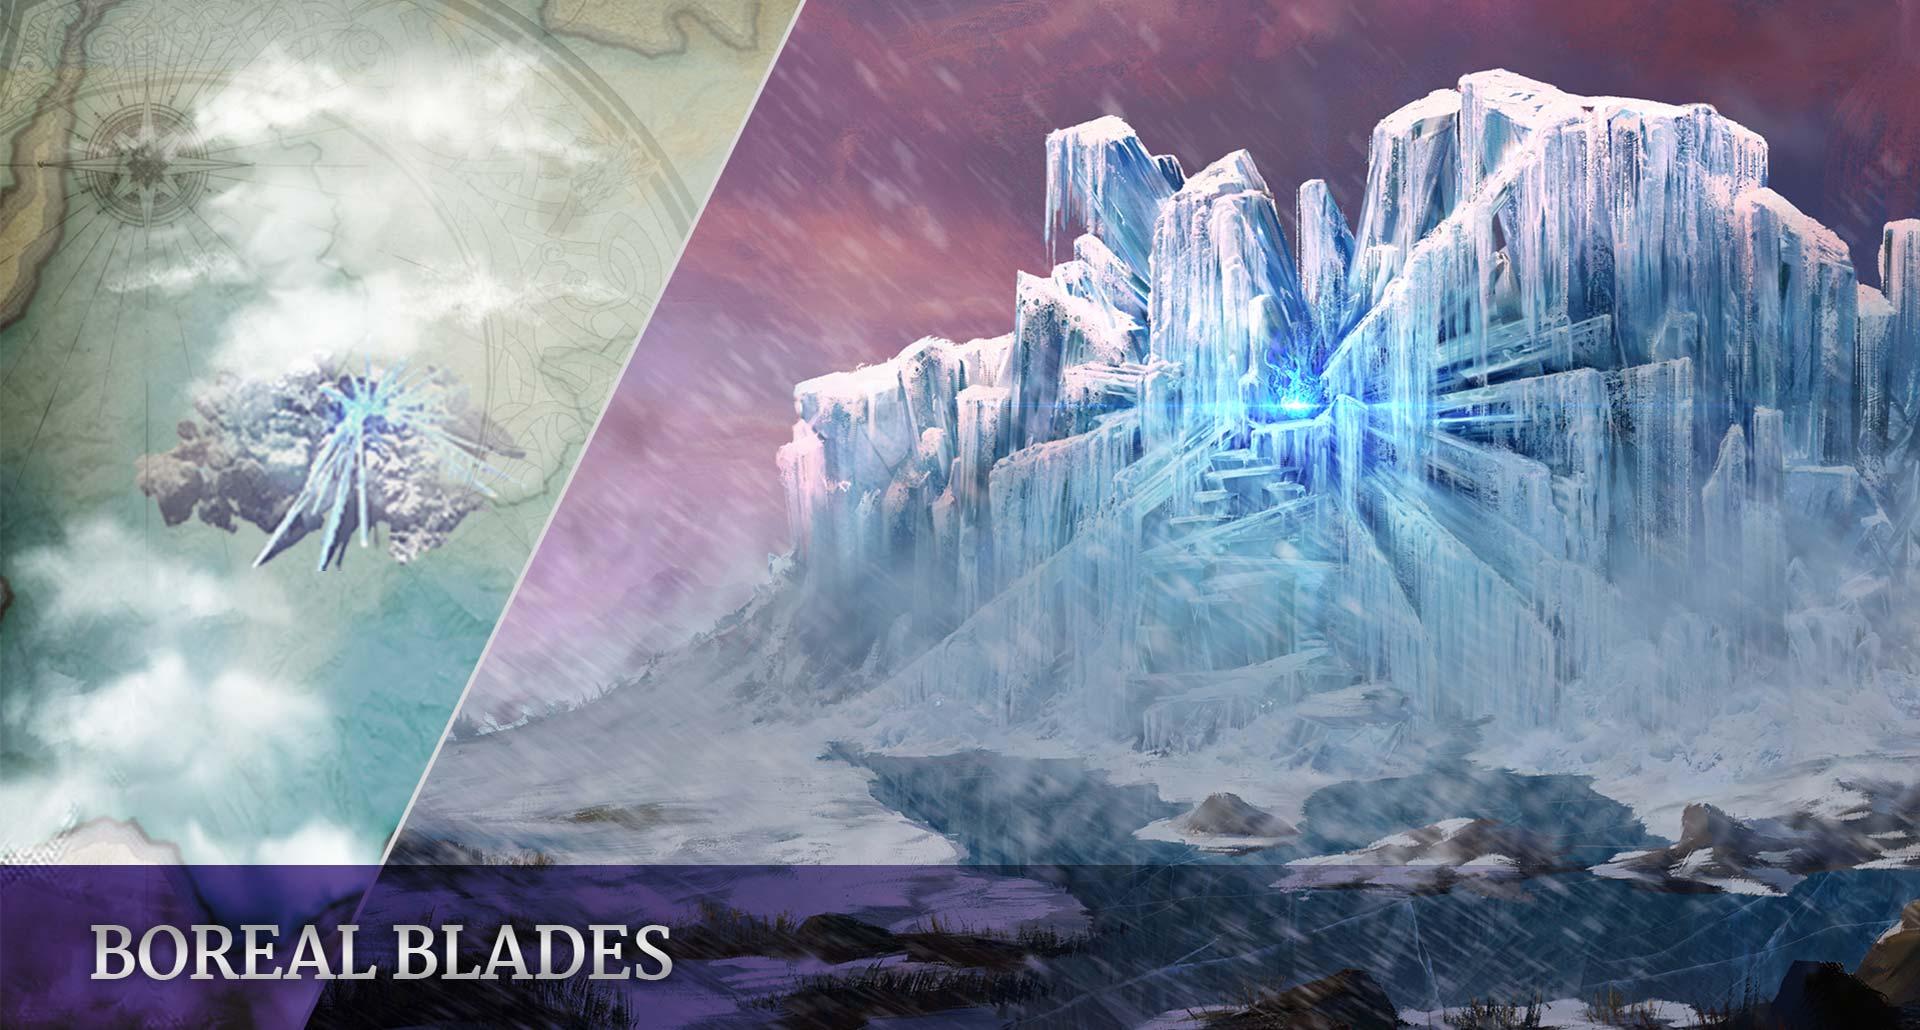 Boreal Blades